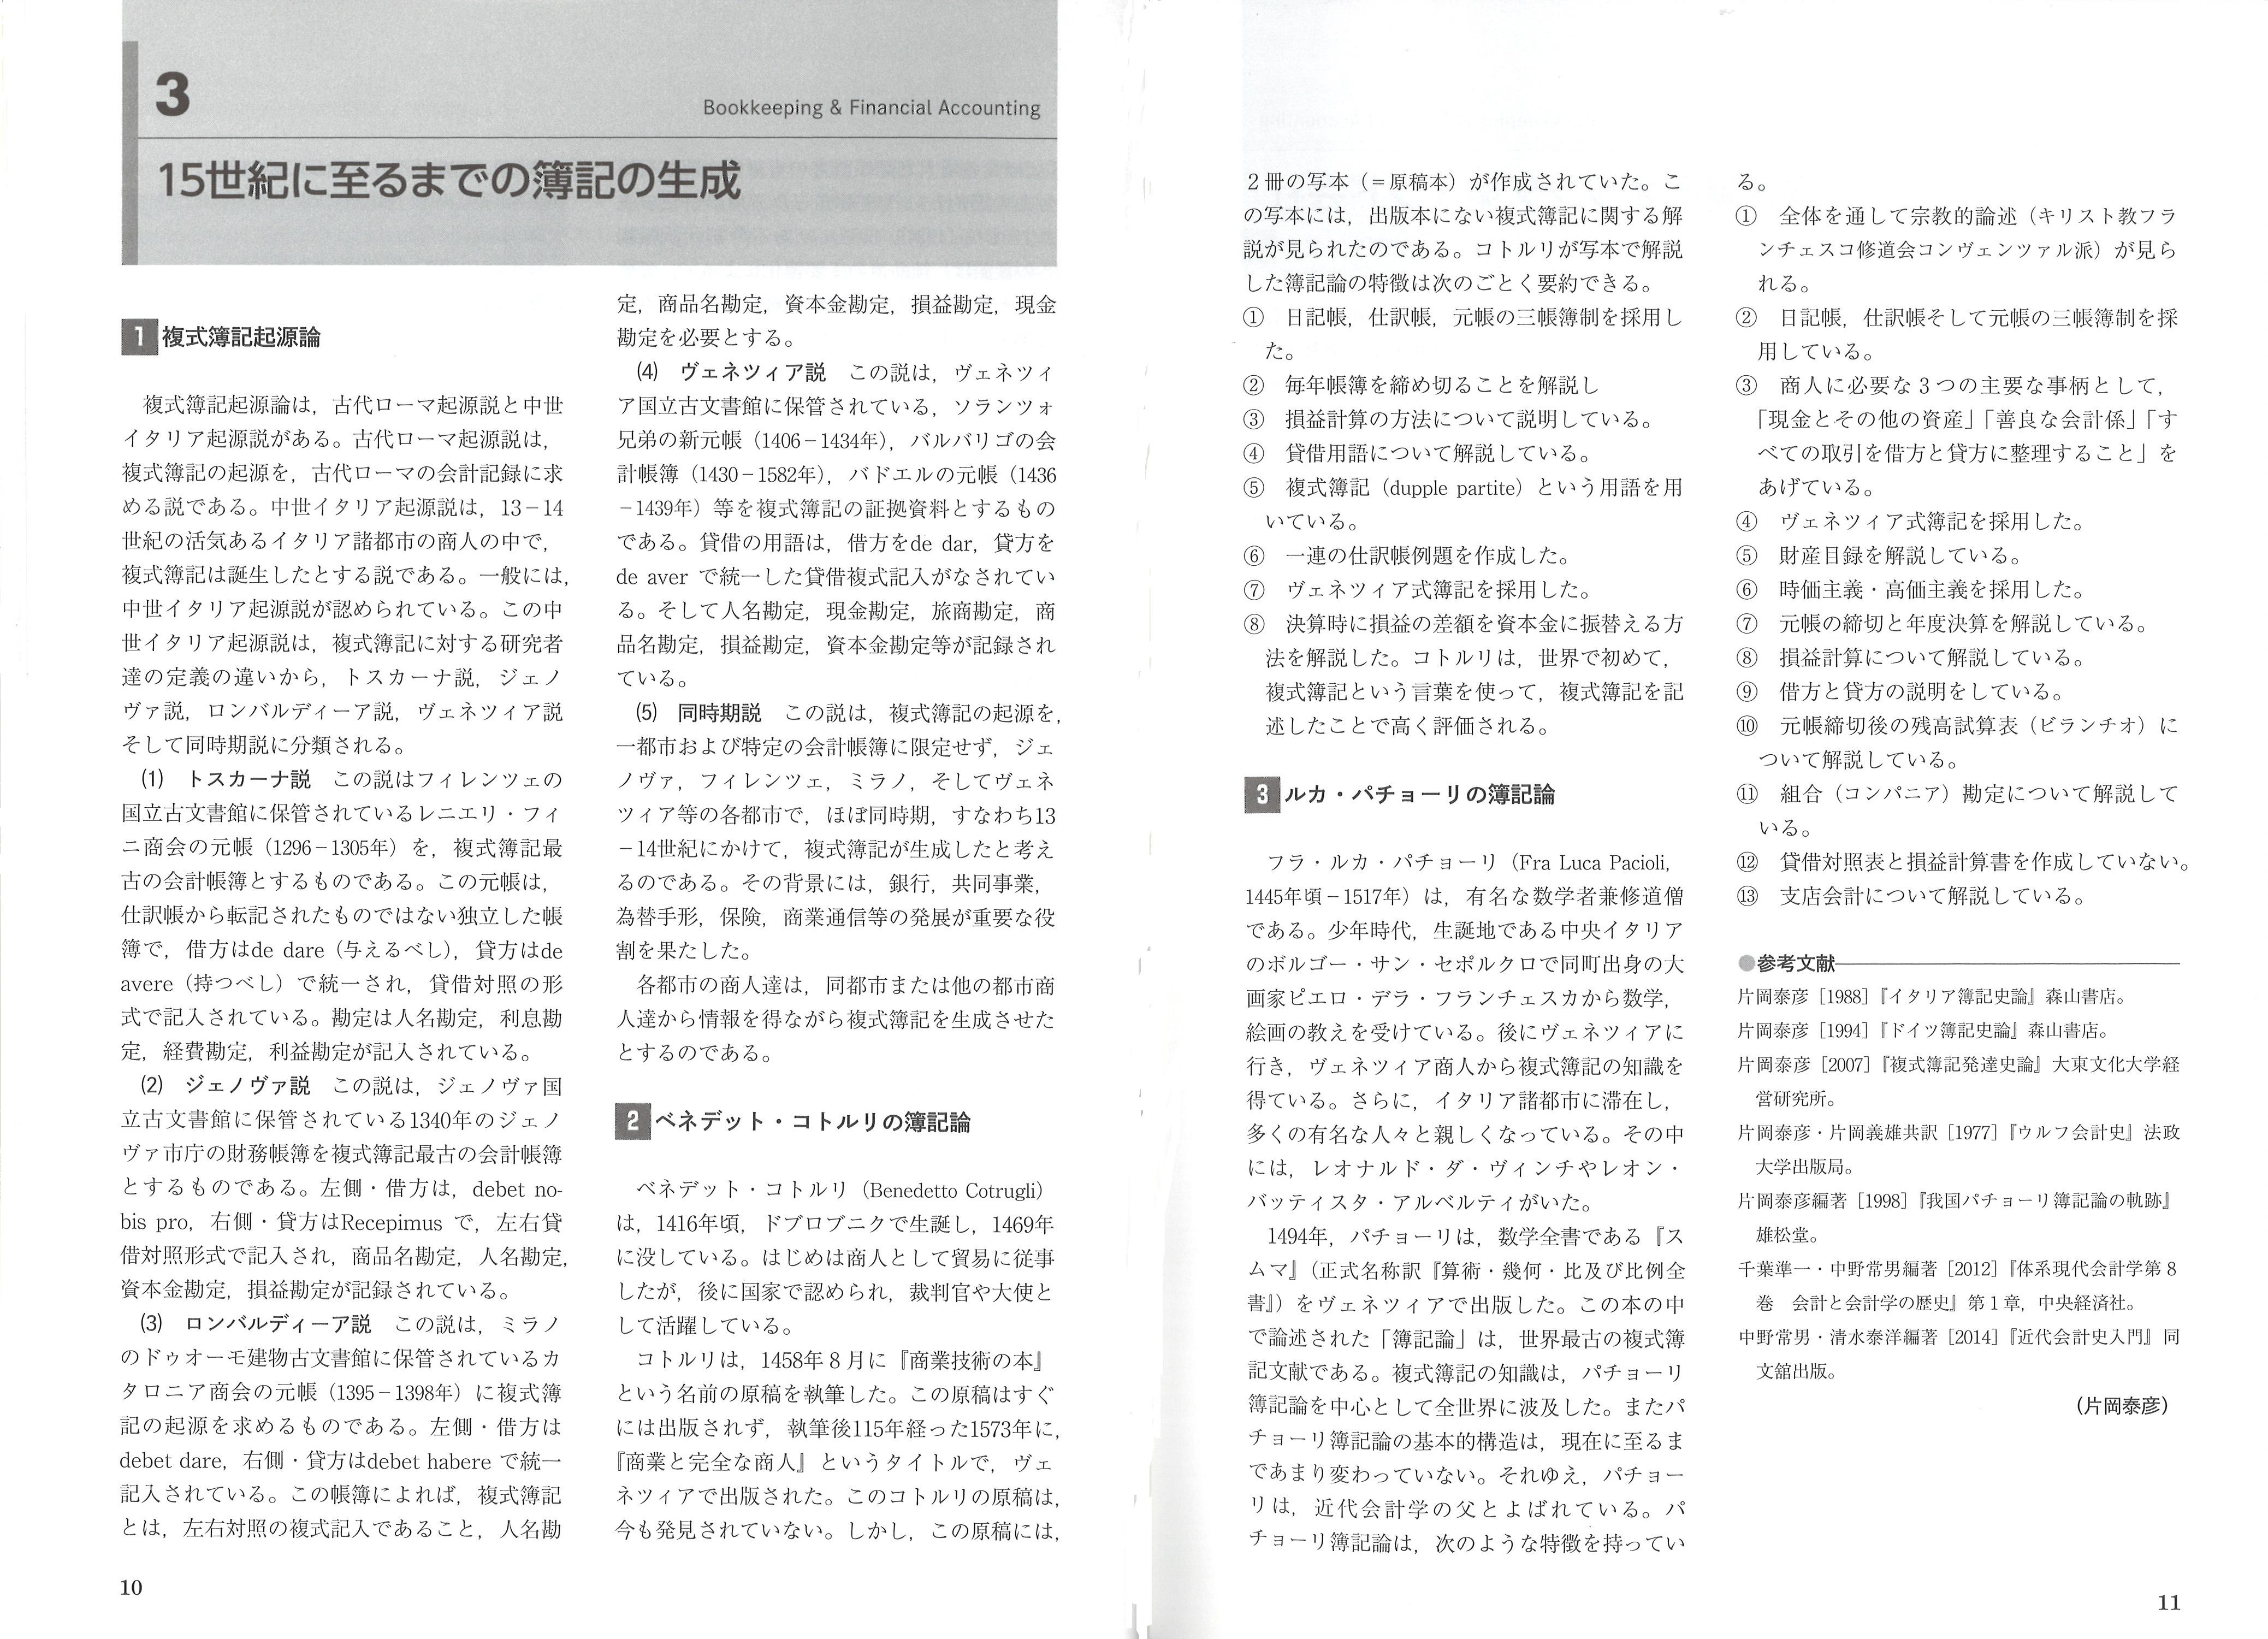 会計のヒストリー80の解説ページの例